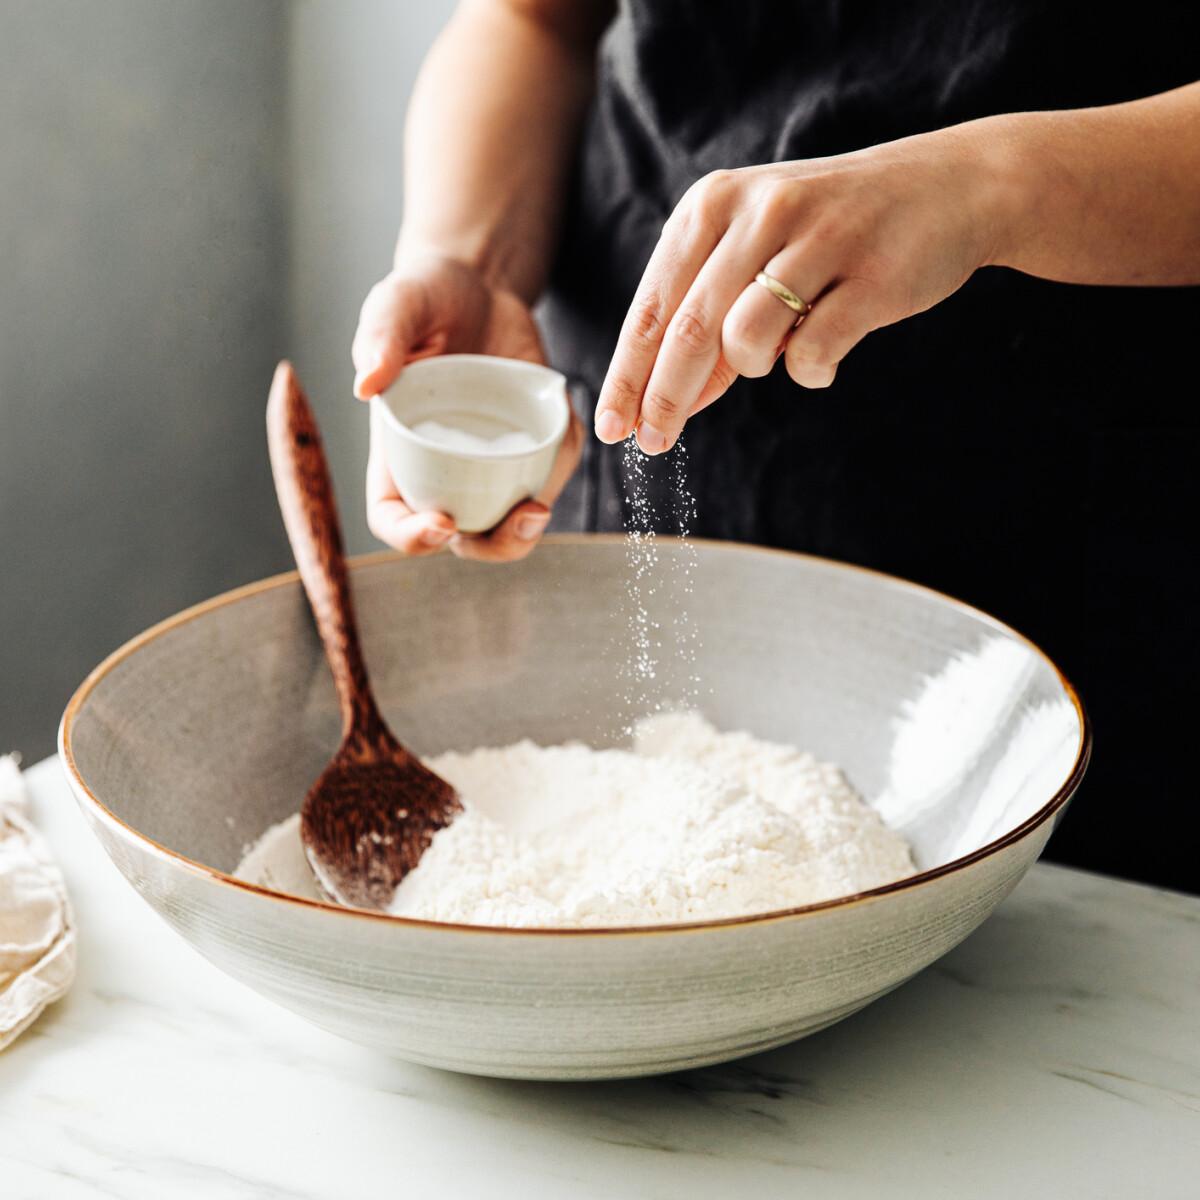 Erre a kétféle sóra van szükséged a főzéshez